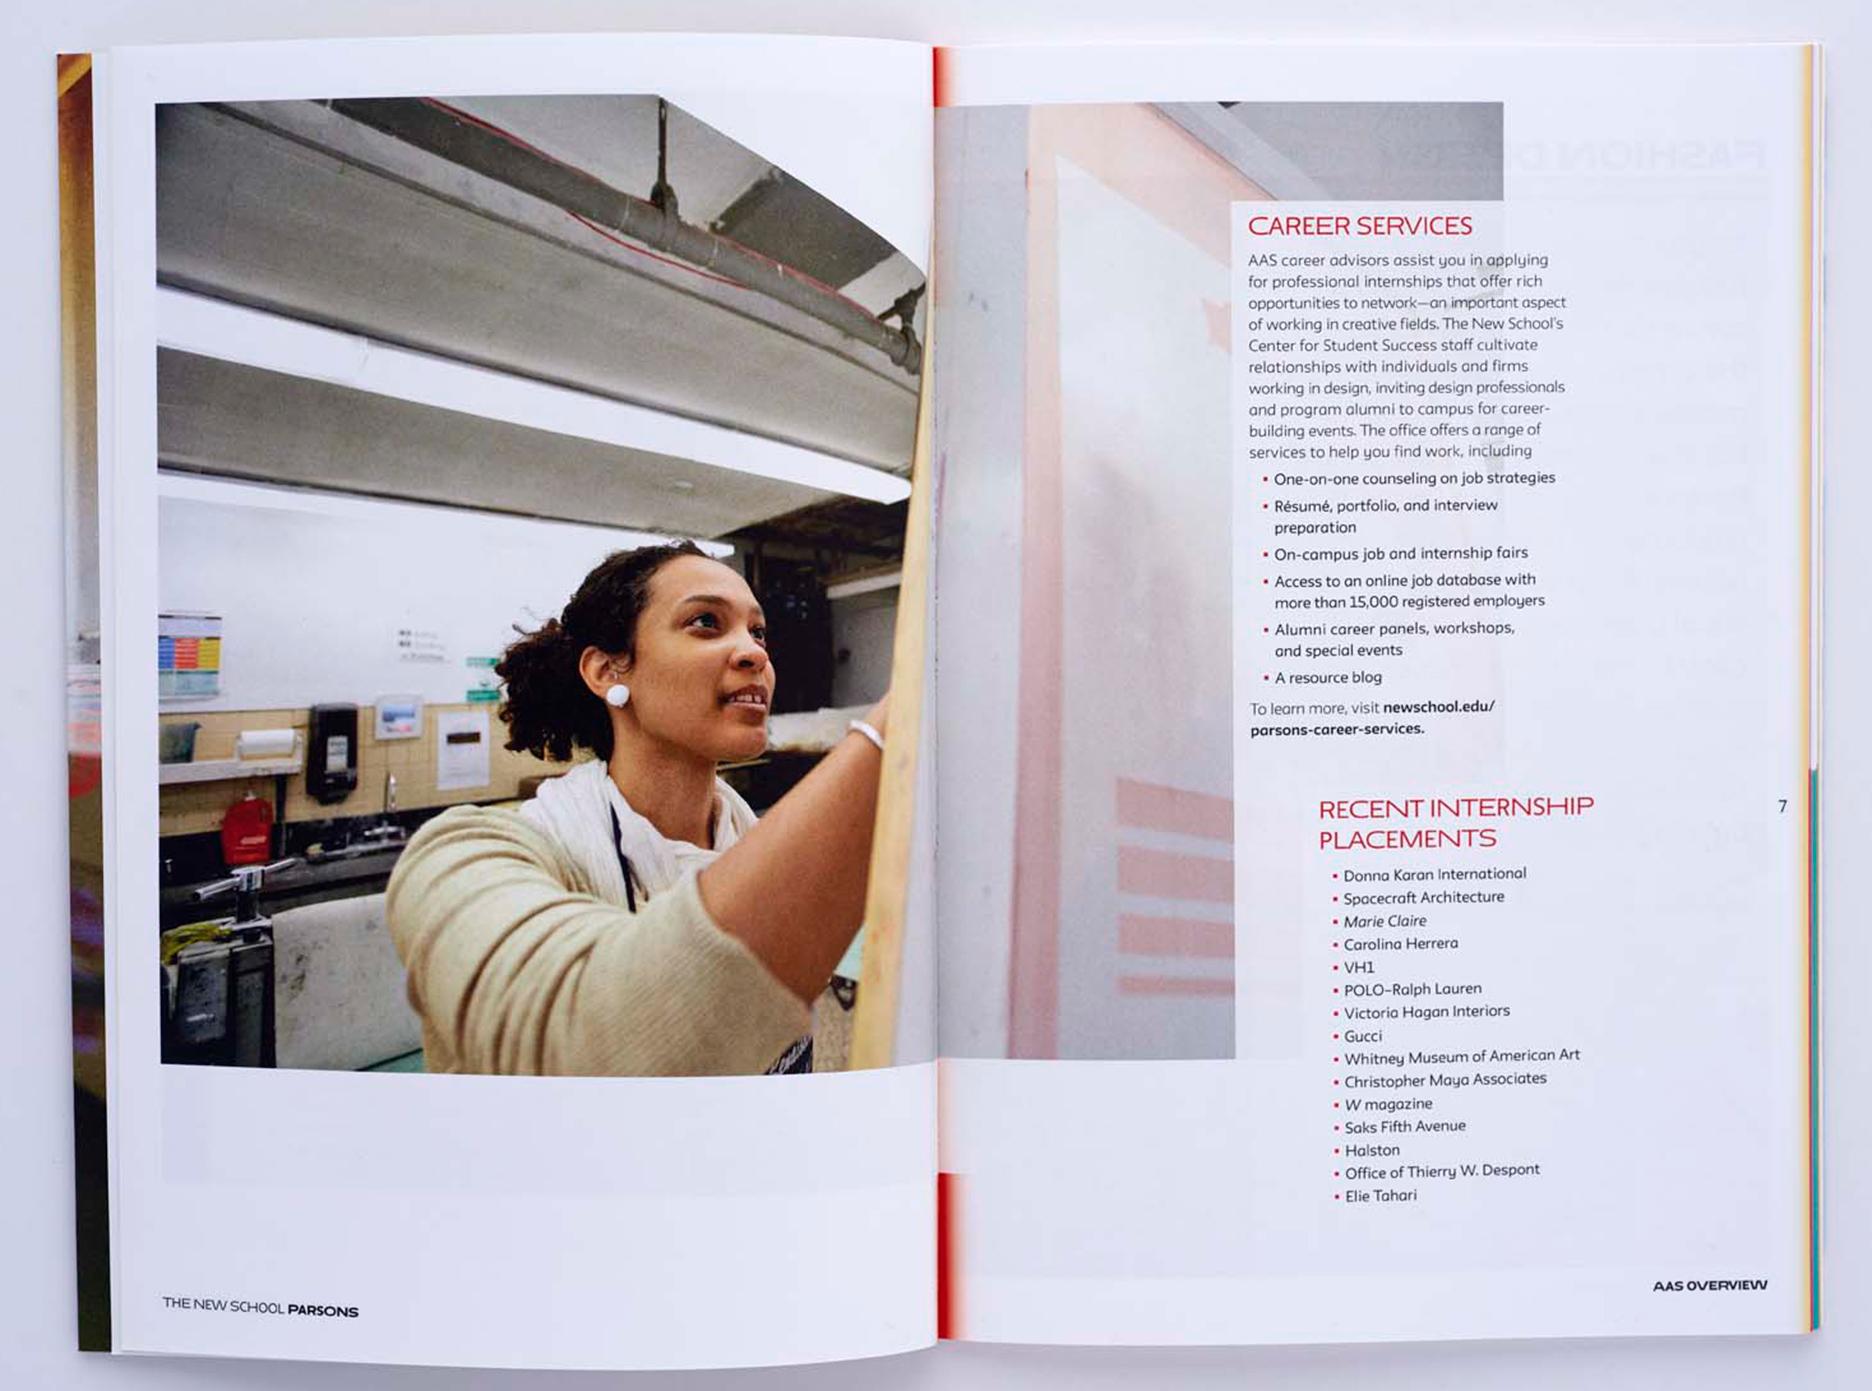 Parsons AAS Viewbook 4